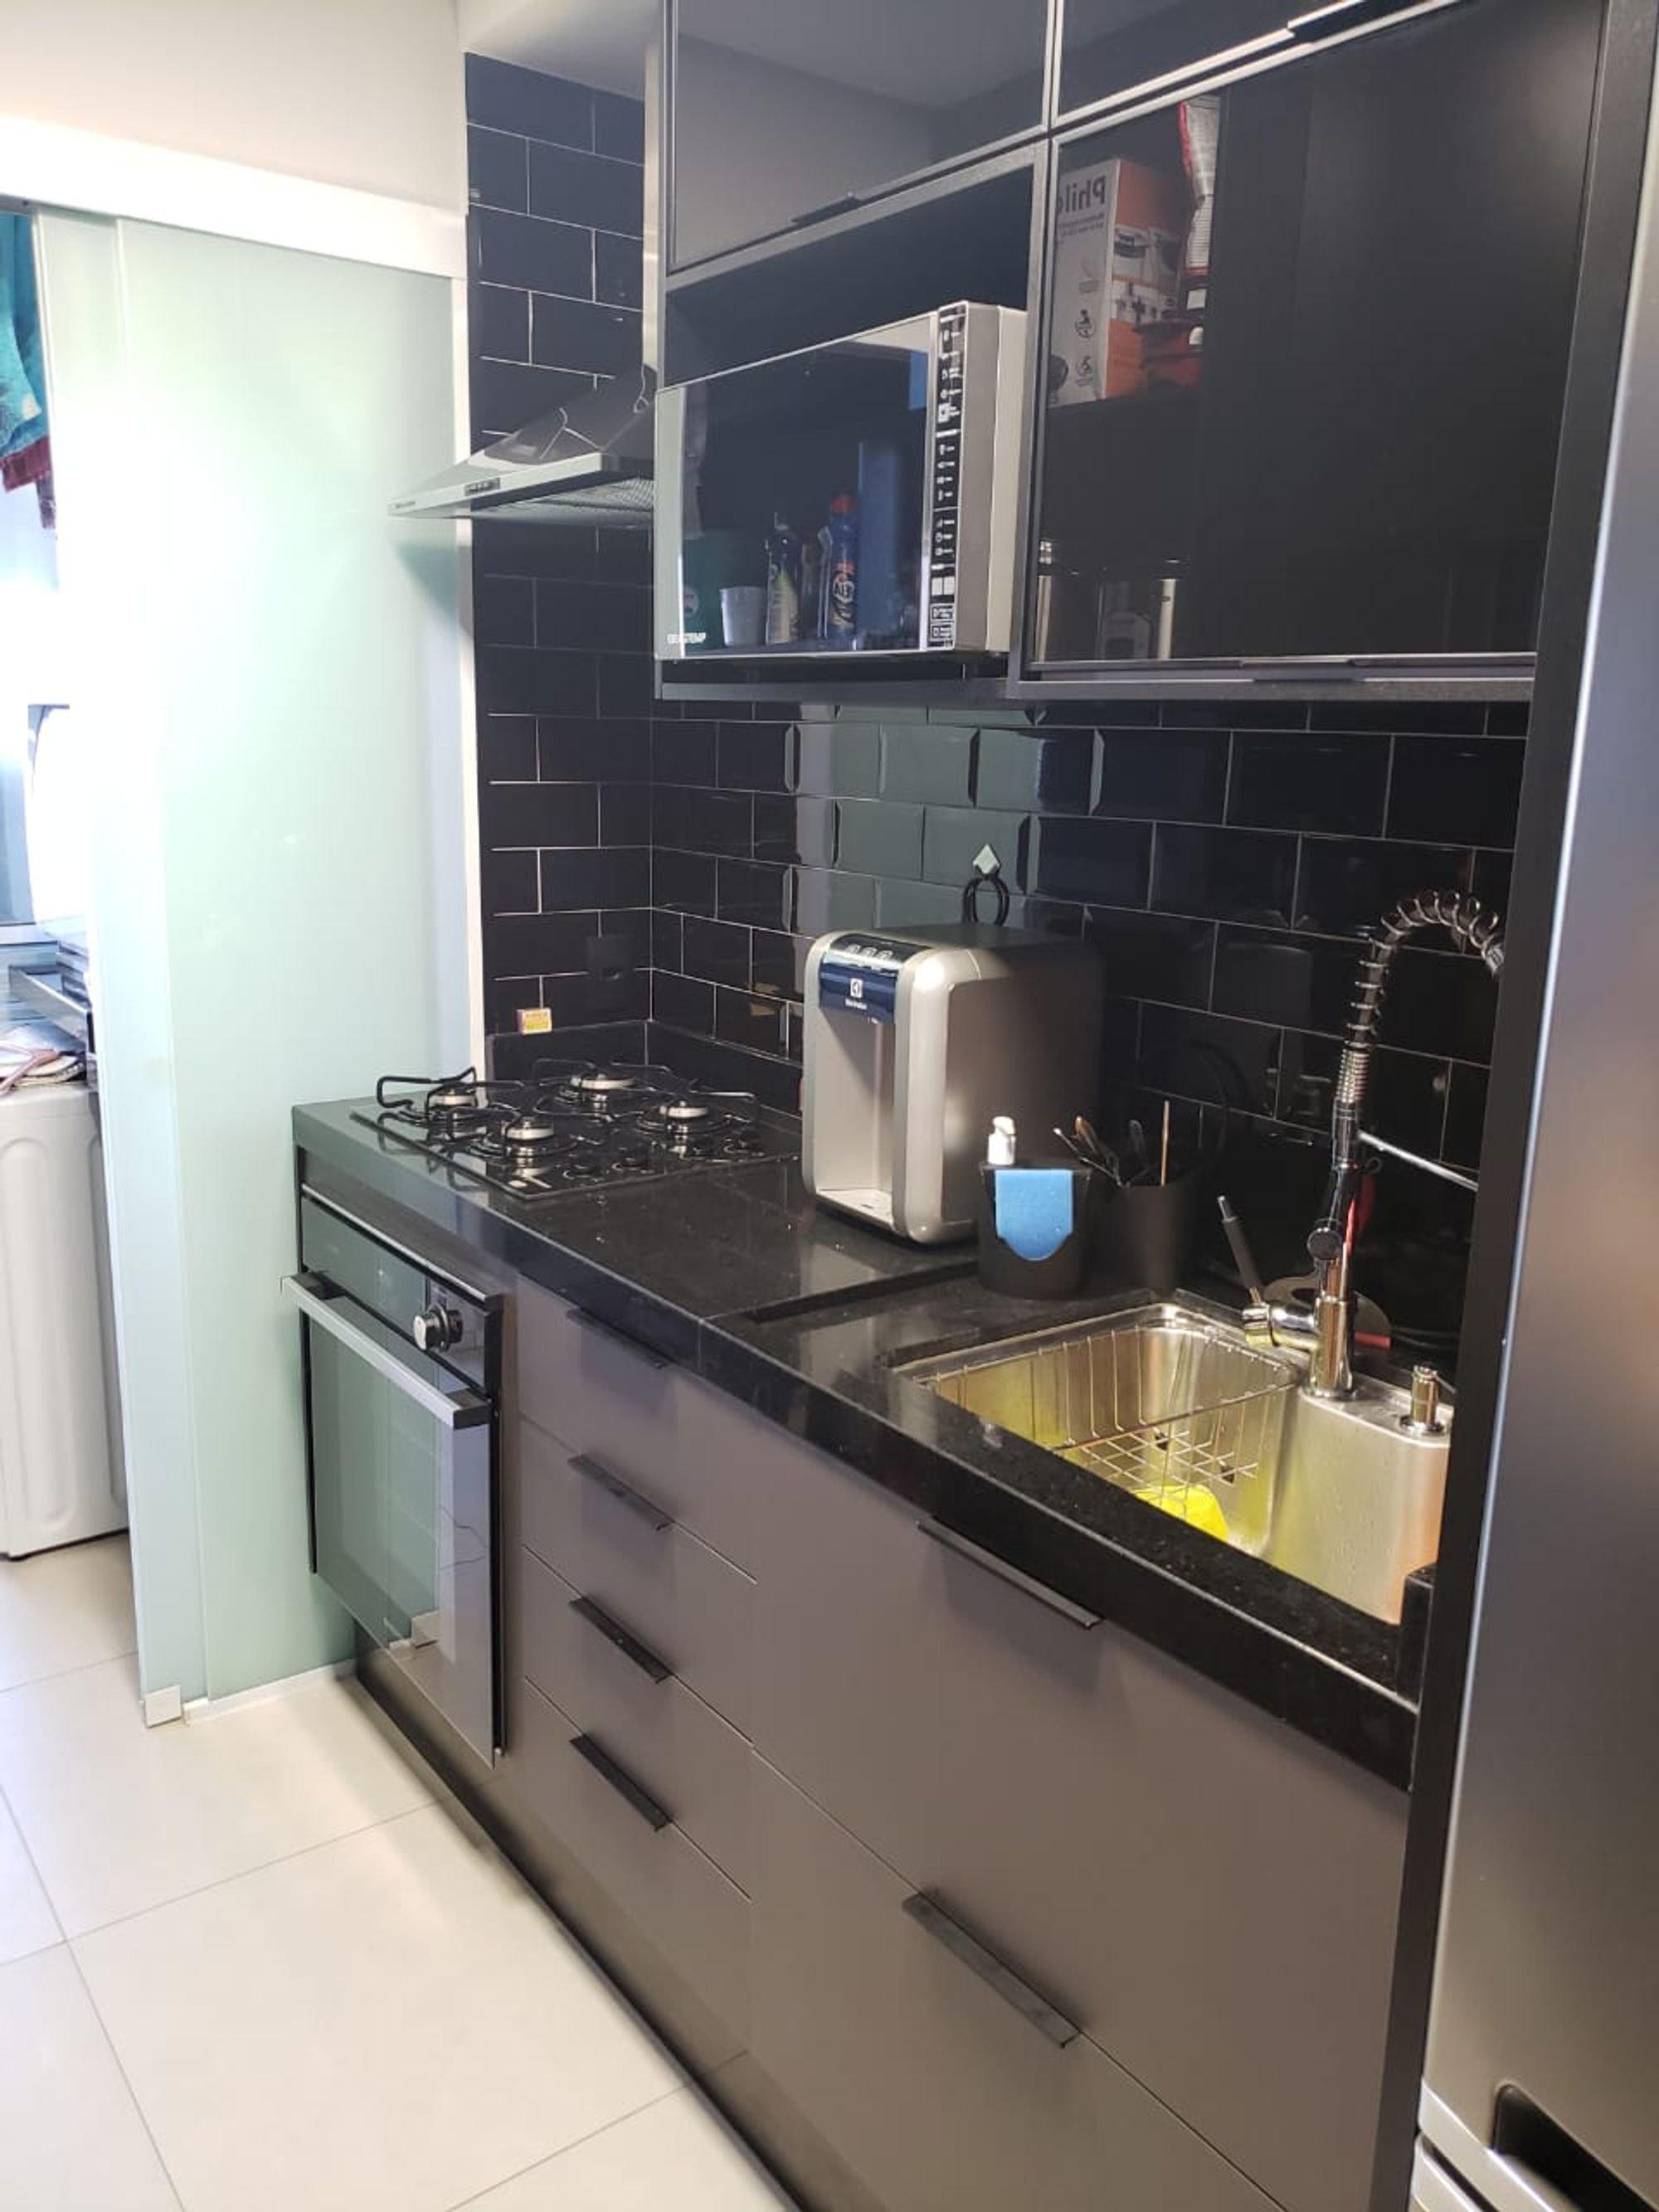 Foto de Cozinha com garrafa, forno, pia, microondas, xícara